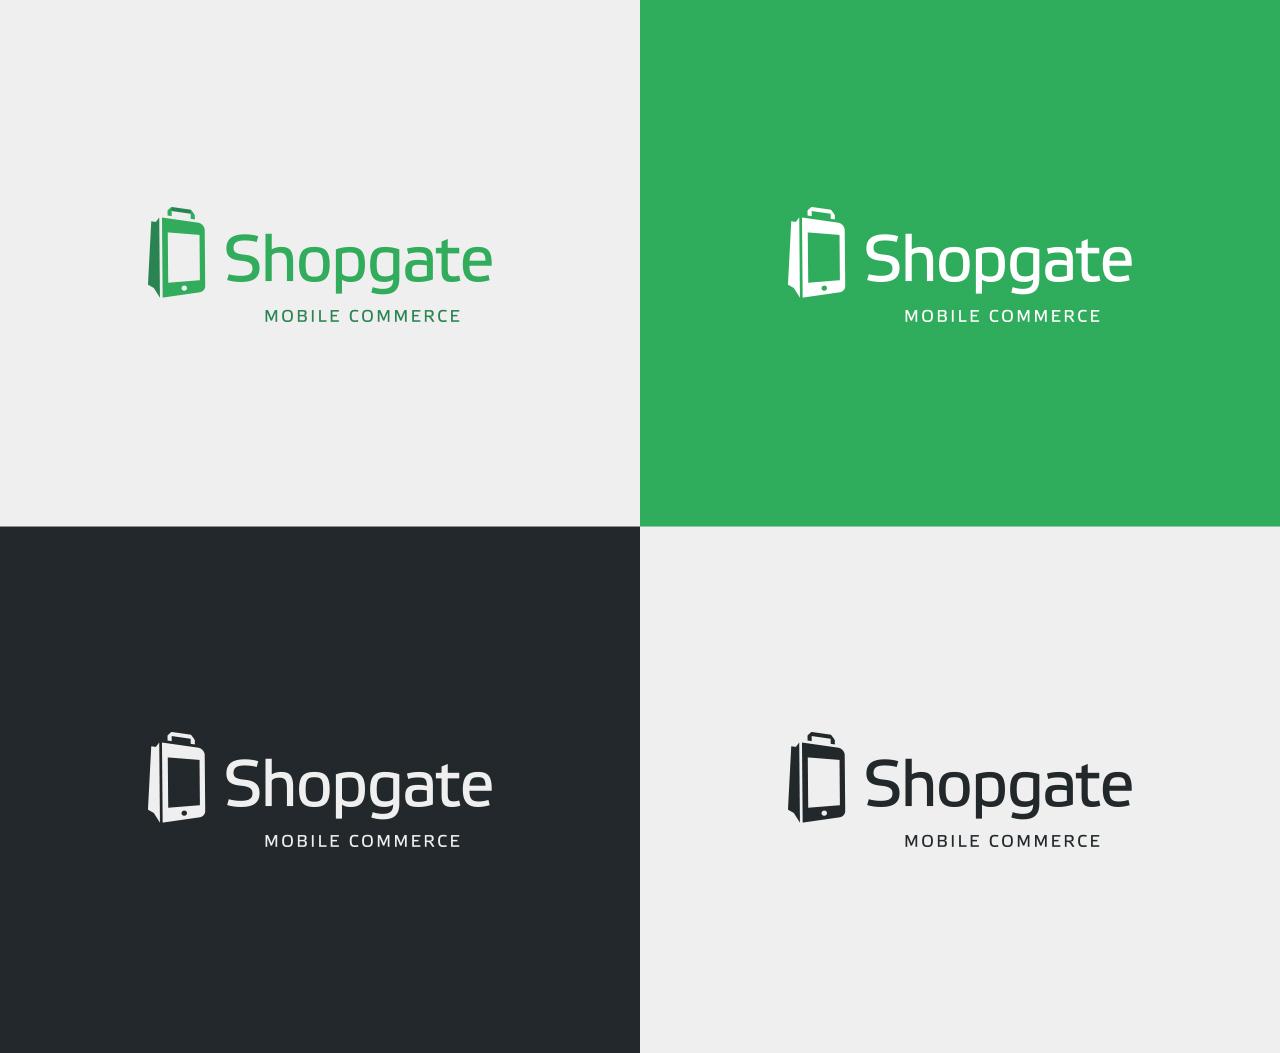 shopgate-screen-2